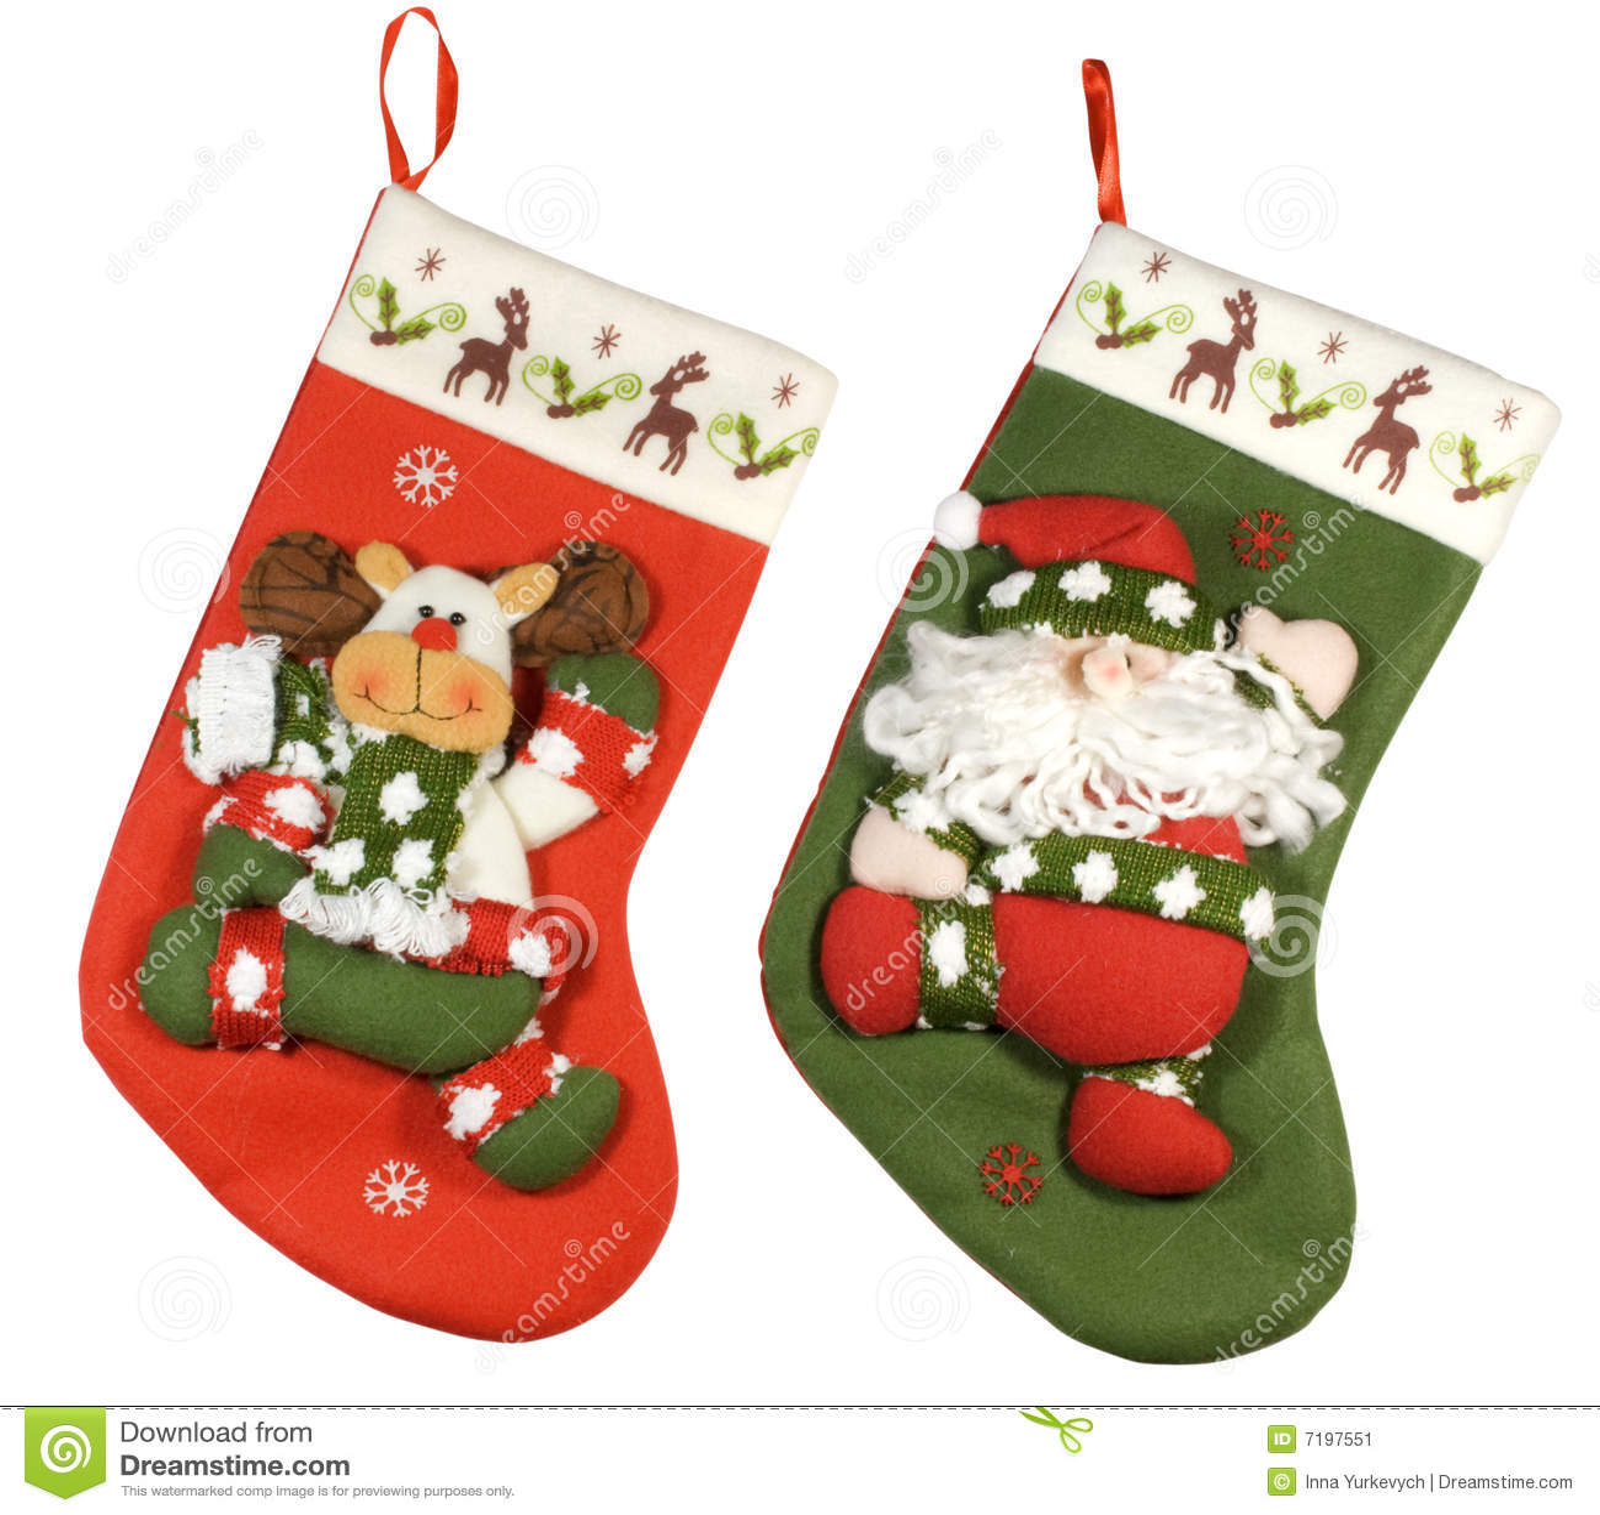 Xmas socks stock image. Image of celebrate, celebration - 7197551